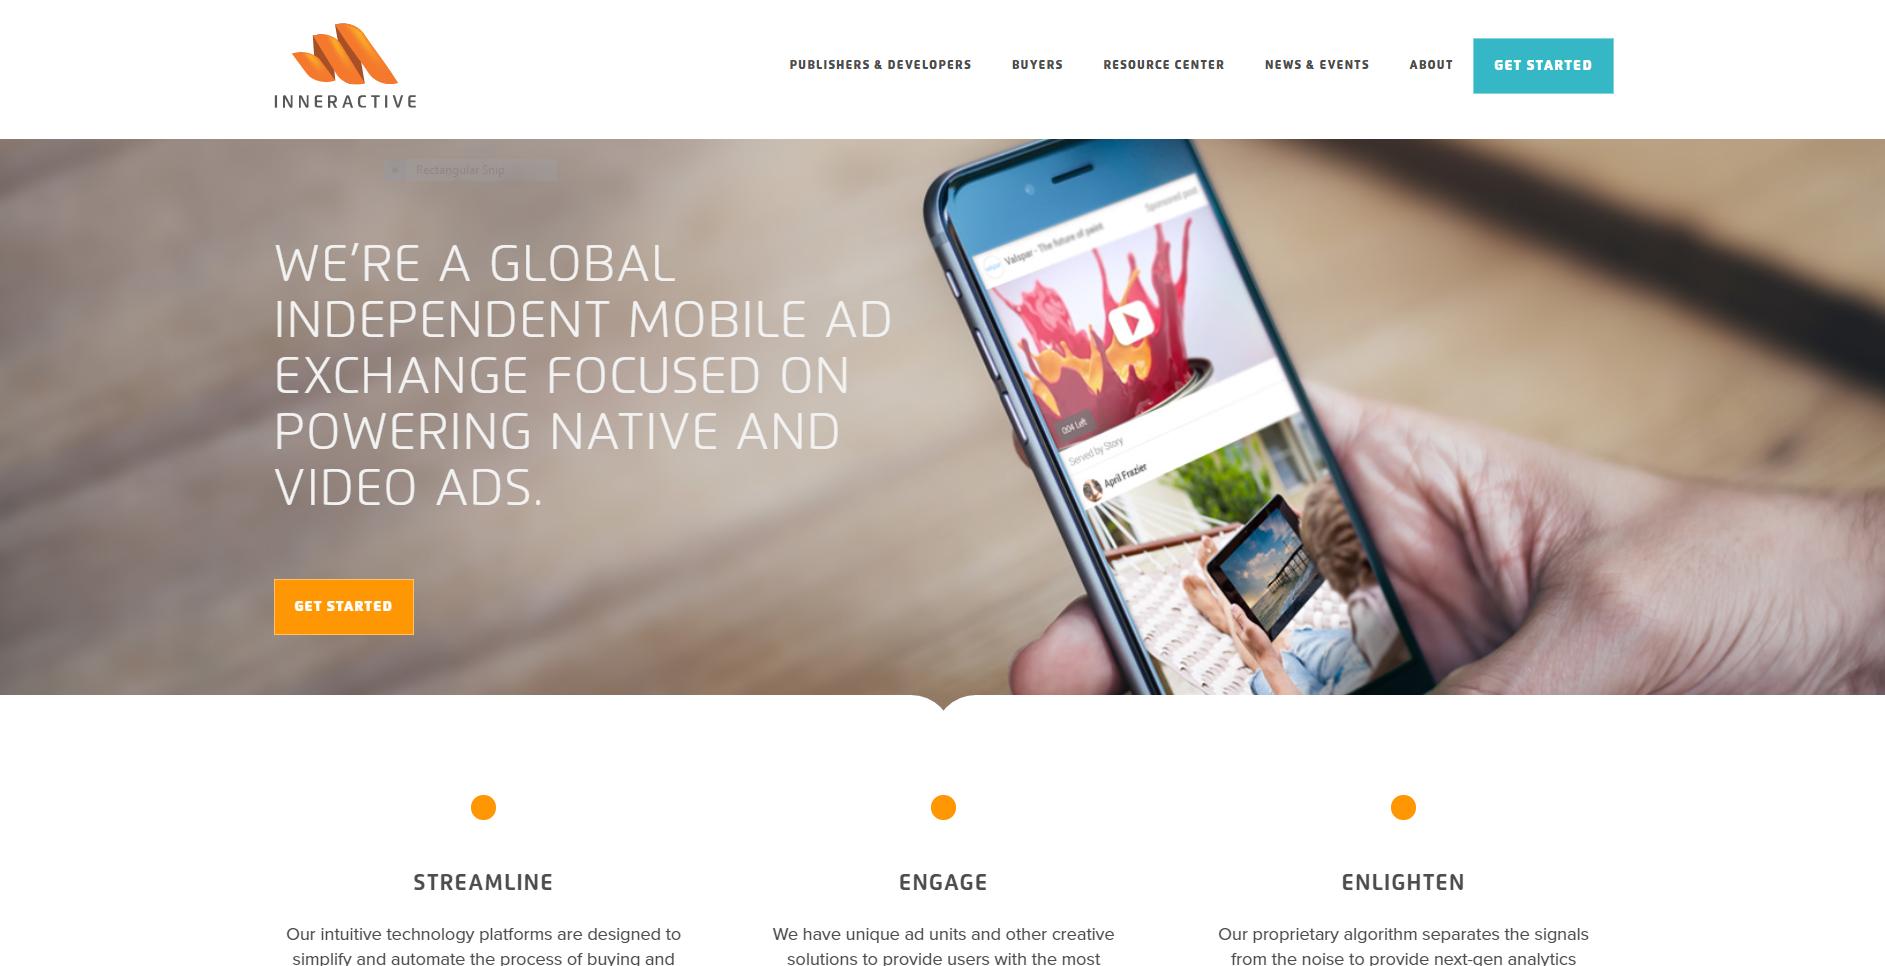 Inneractive website